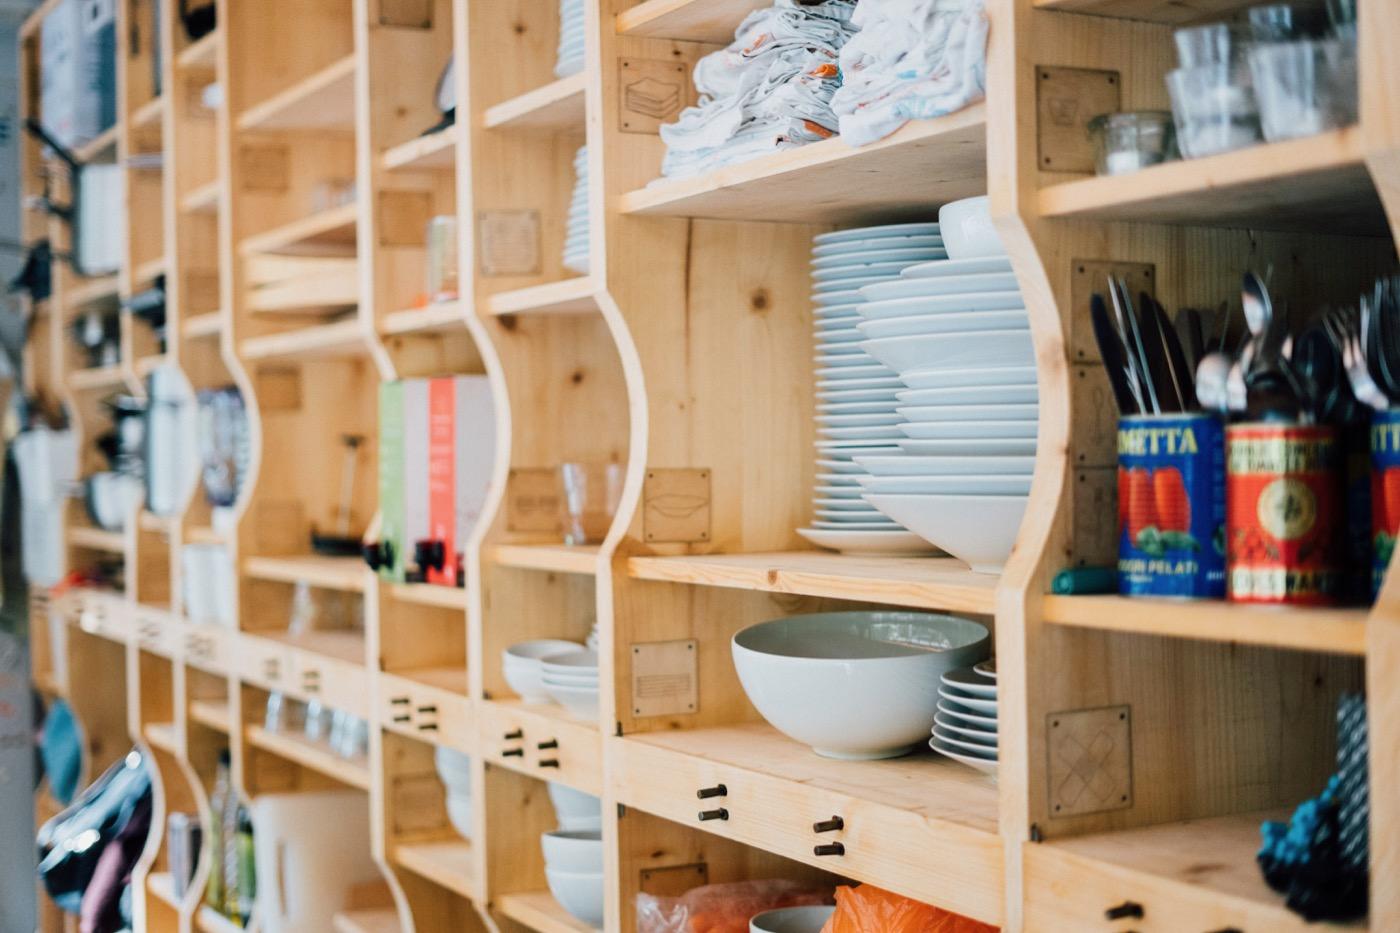 Ein großes Regal bietet Platz für allerhand Geschirr, Schüsseln und Töpfe.